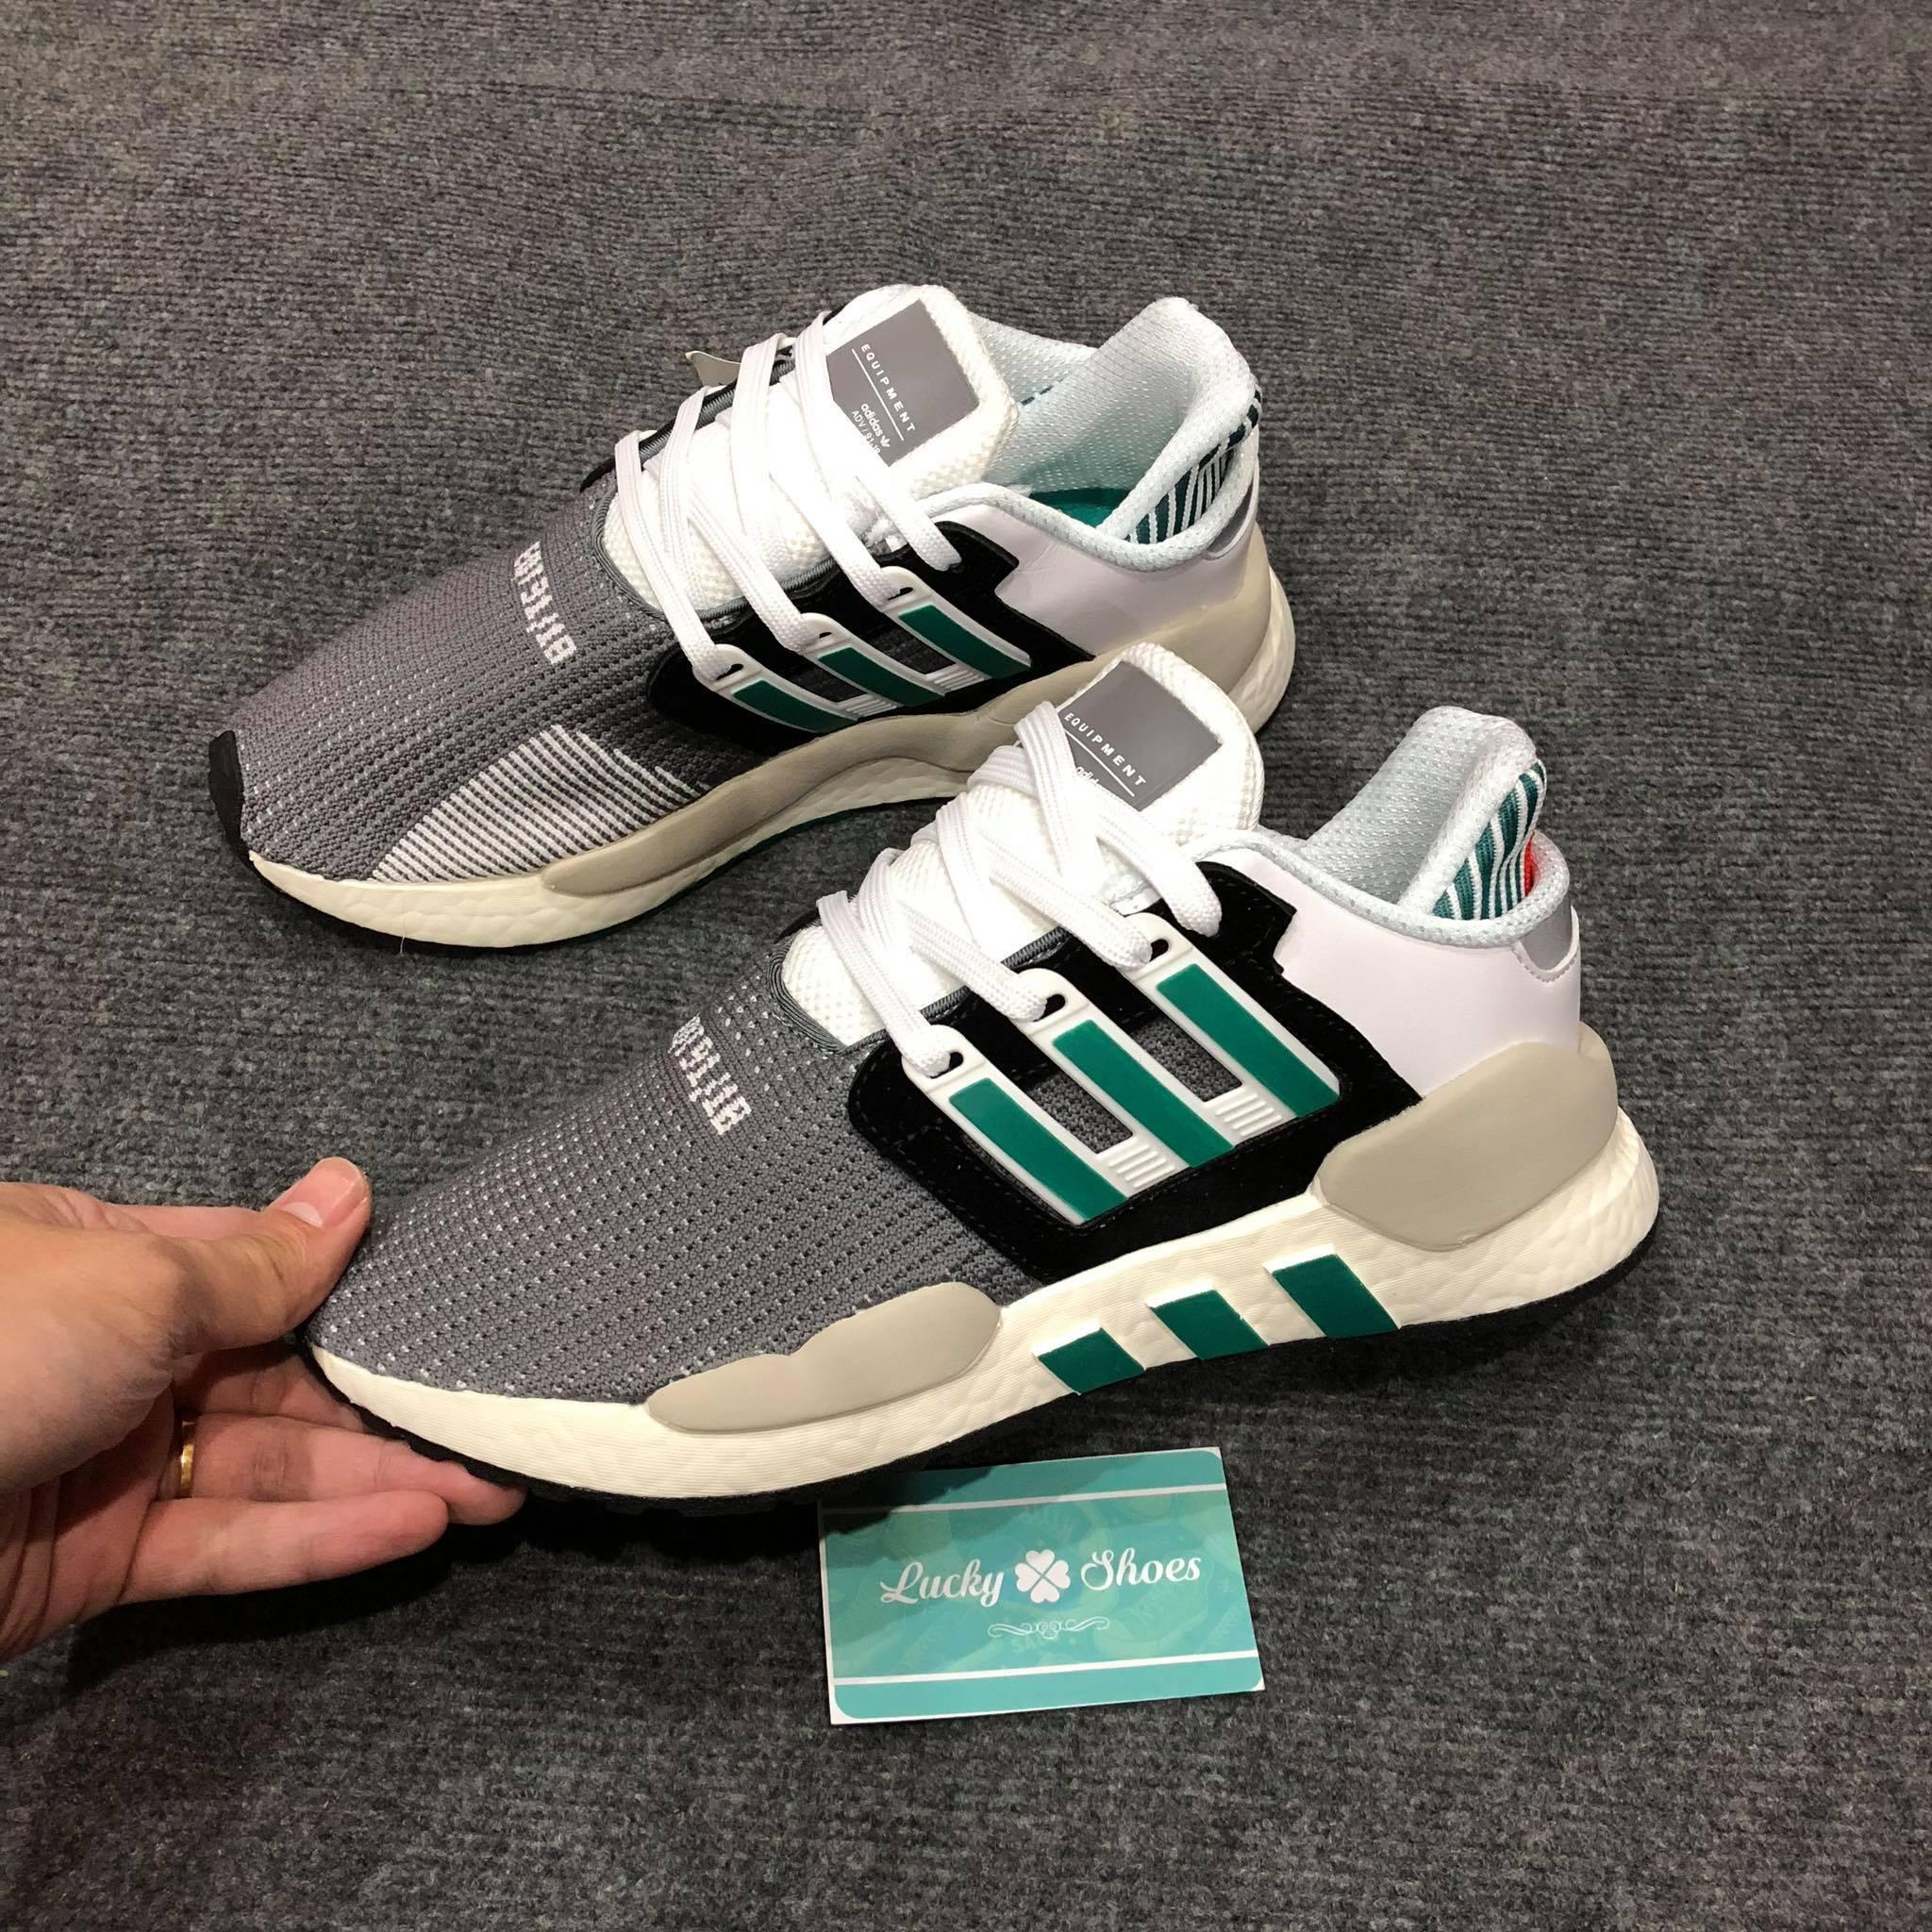 Giày Adidas EQT sf xám xanh trắng